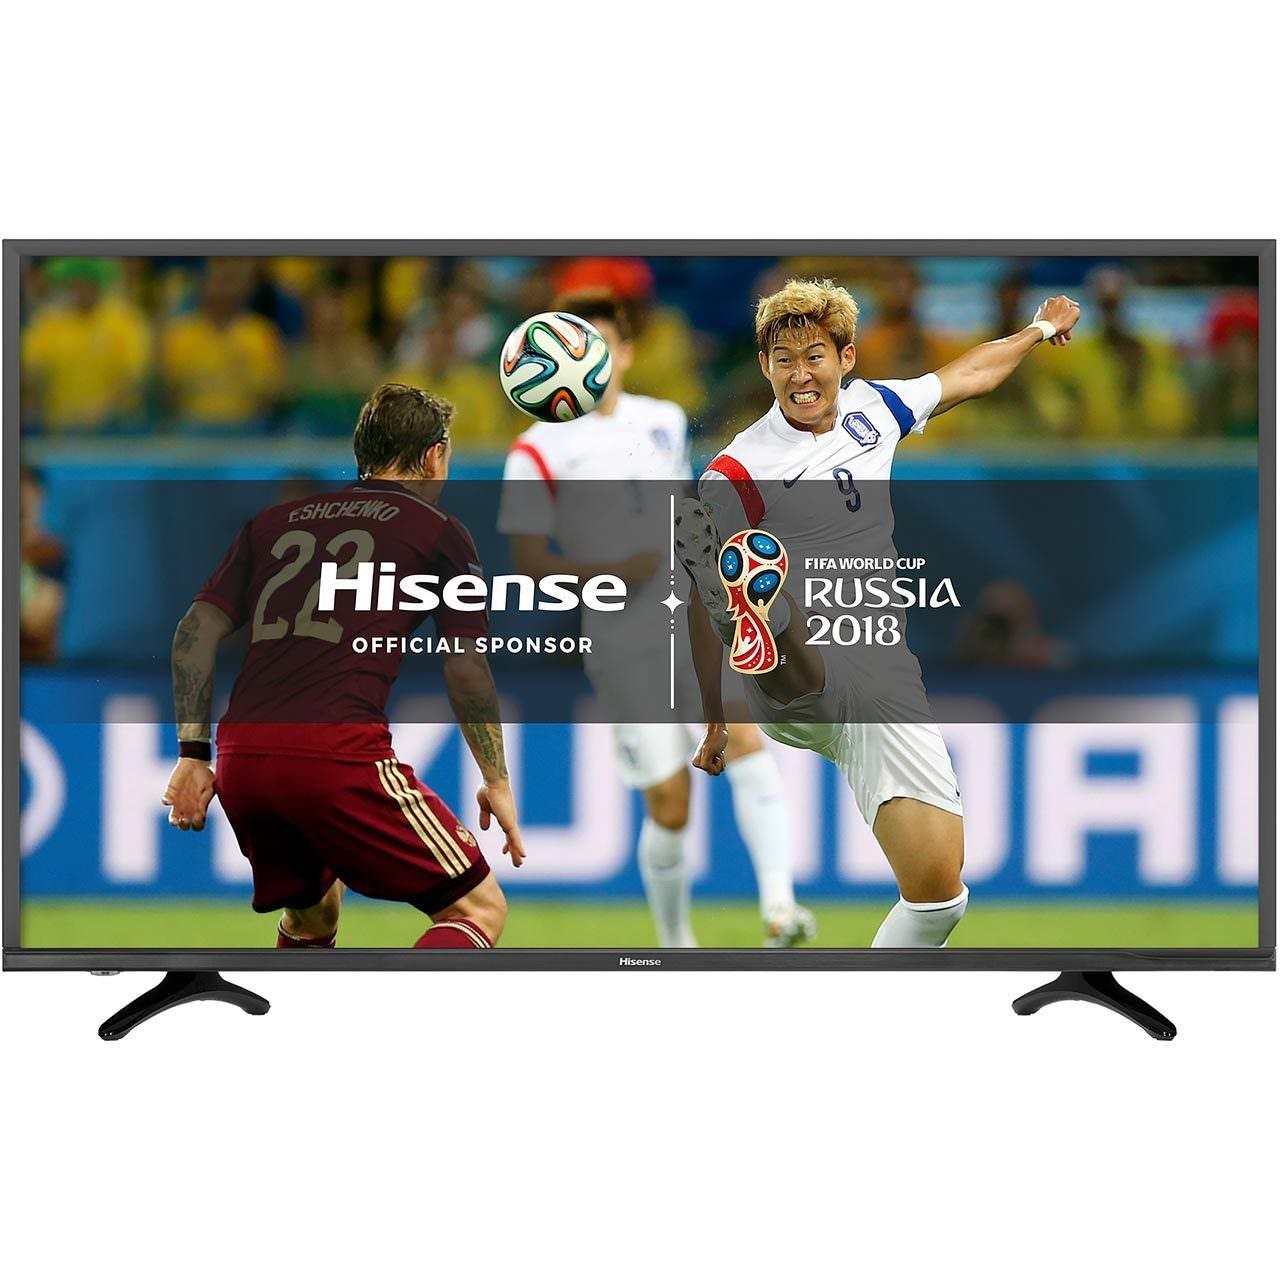 Hisense H49N5500 N Series 49 Inch Smart LED TV 4K with HDR £314.10 w/code @ AO eBay